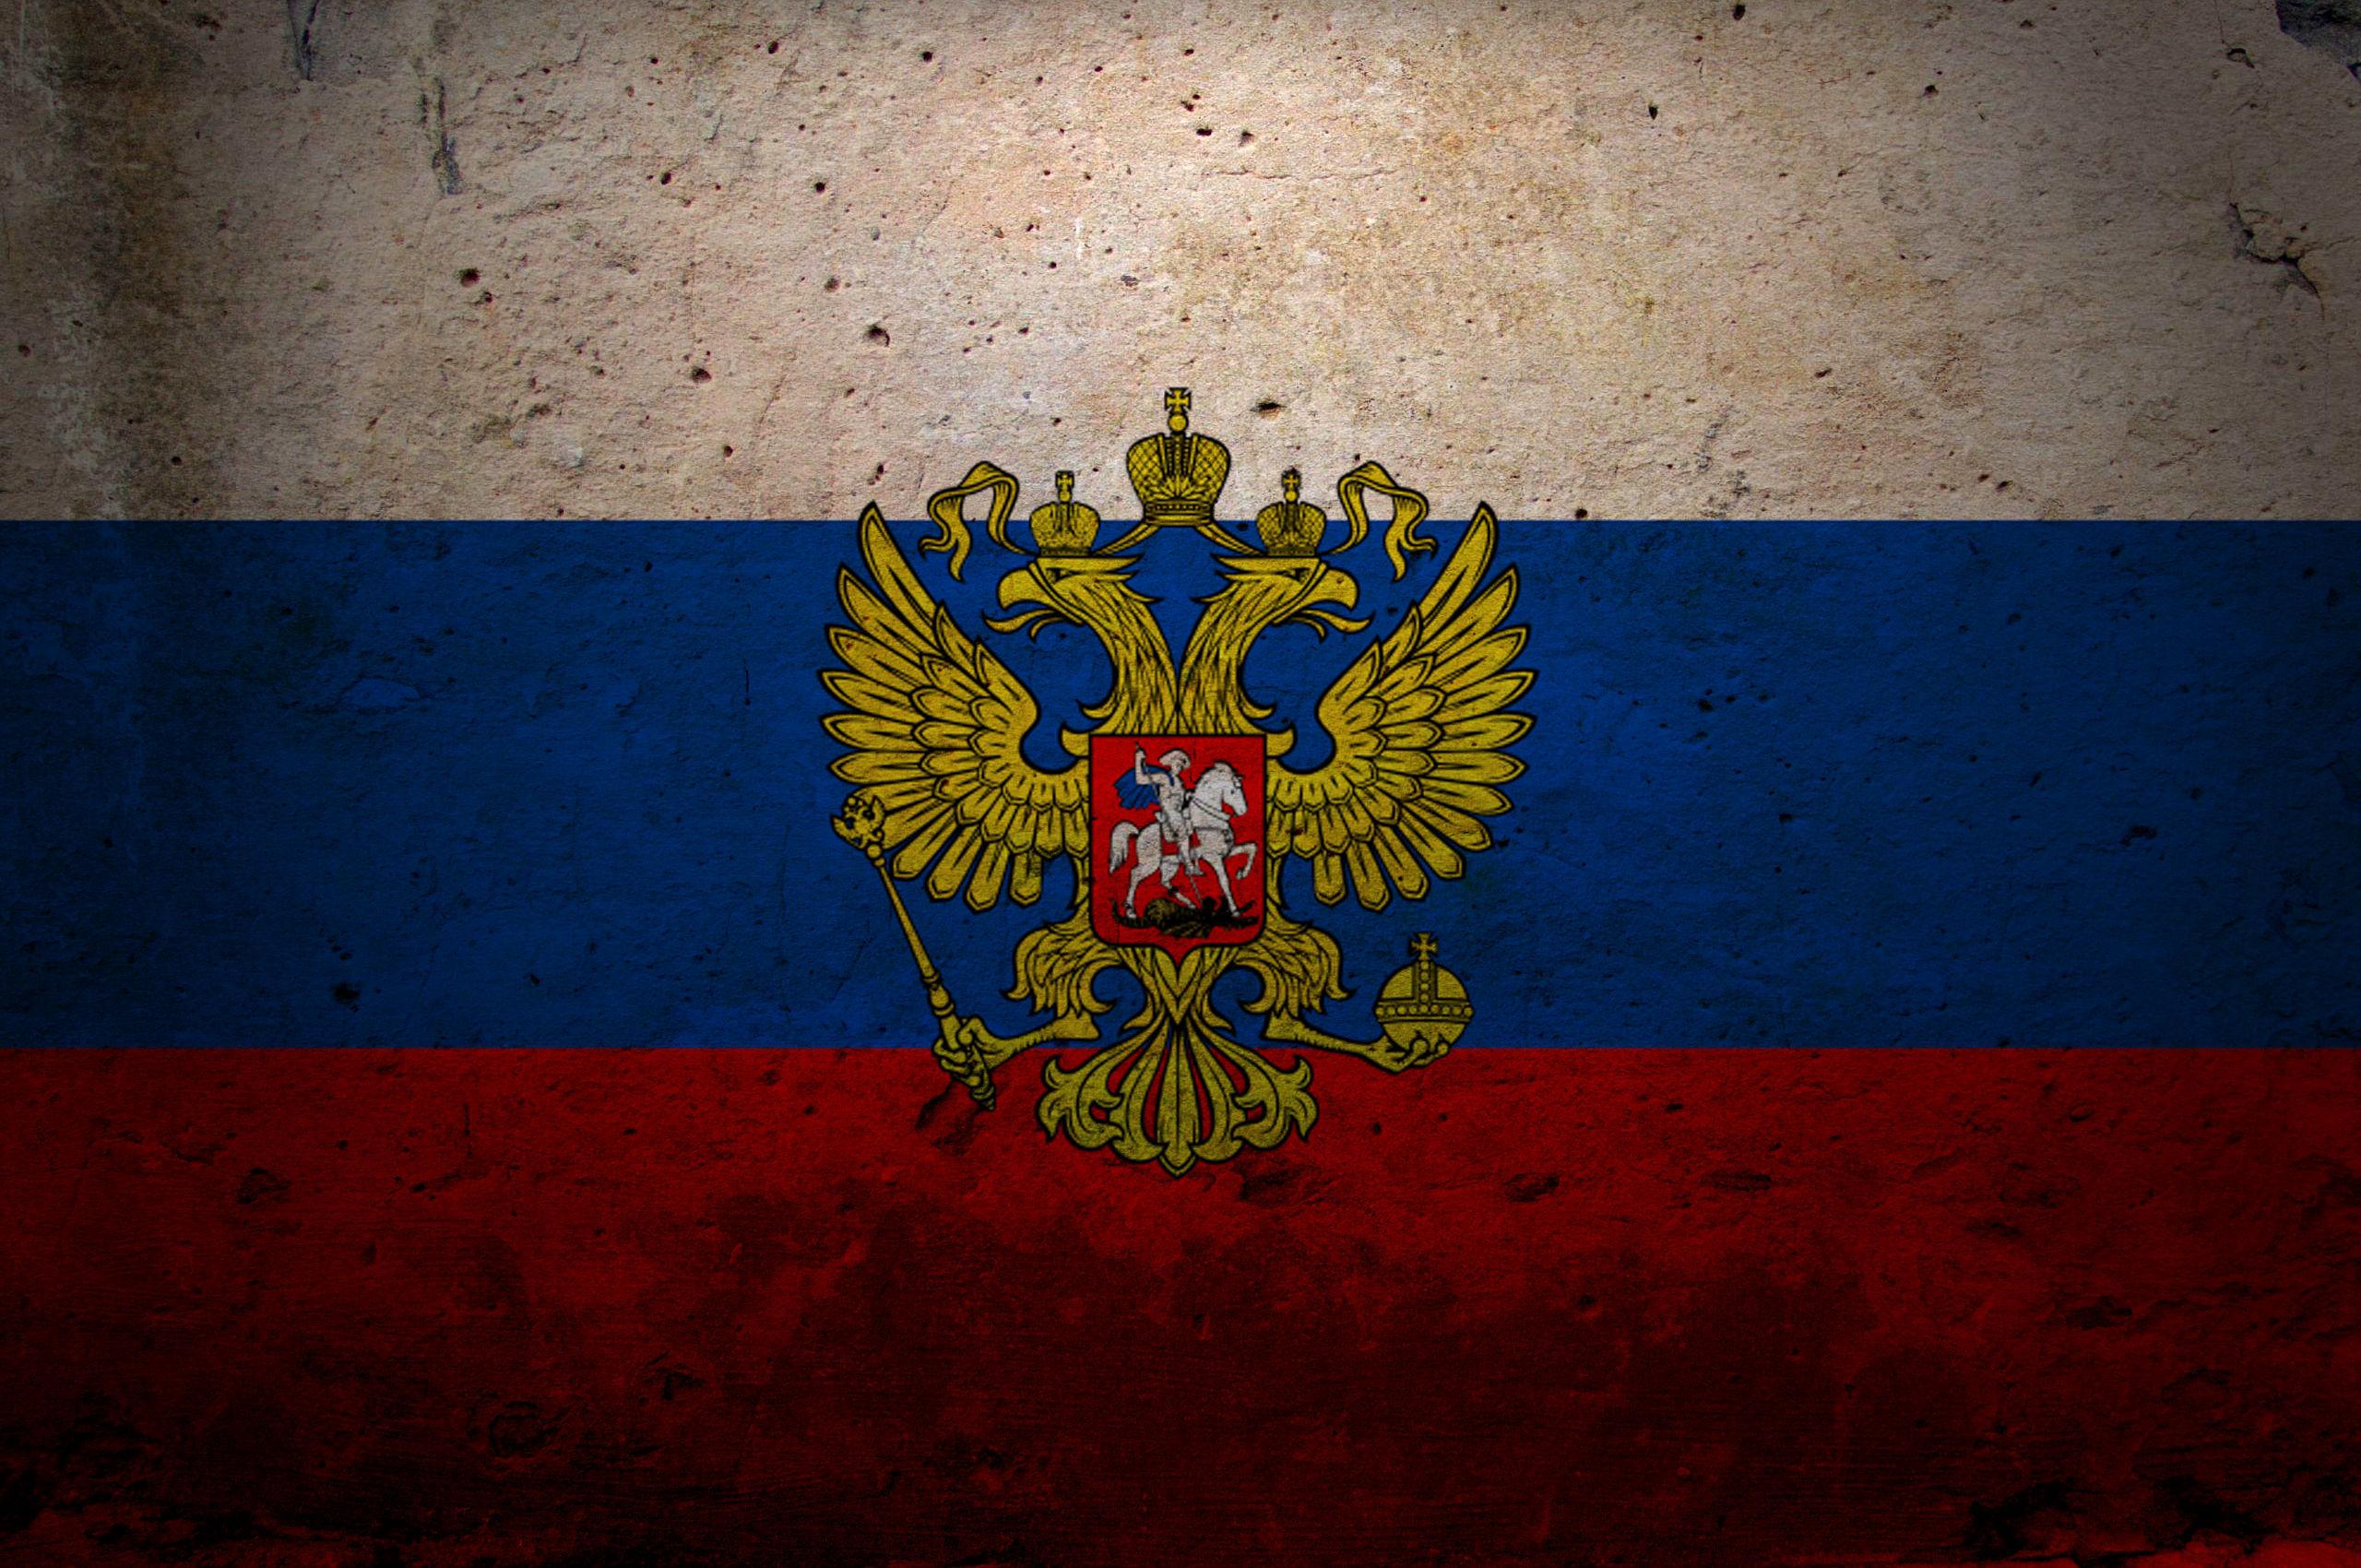 14142 - ¿Cuánto sabes sobre Ruso? Al menos entra y prueba suerte ;)